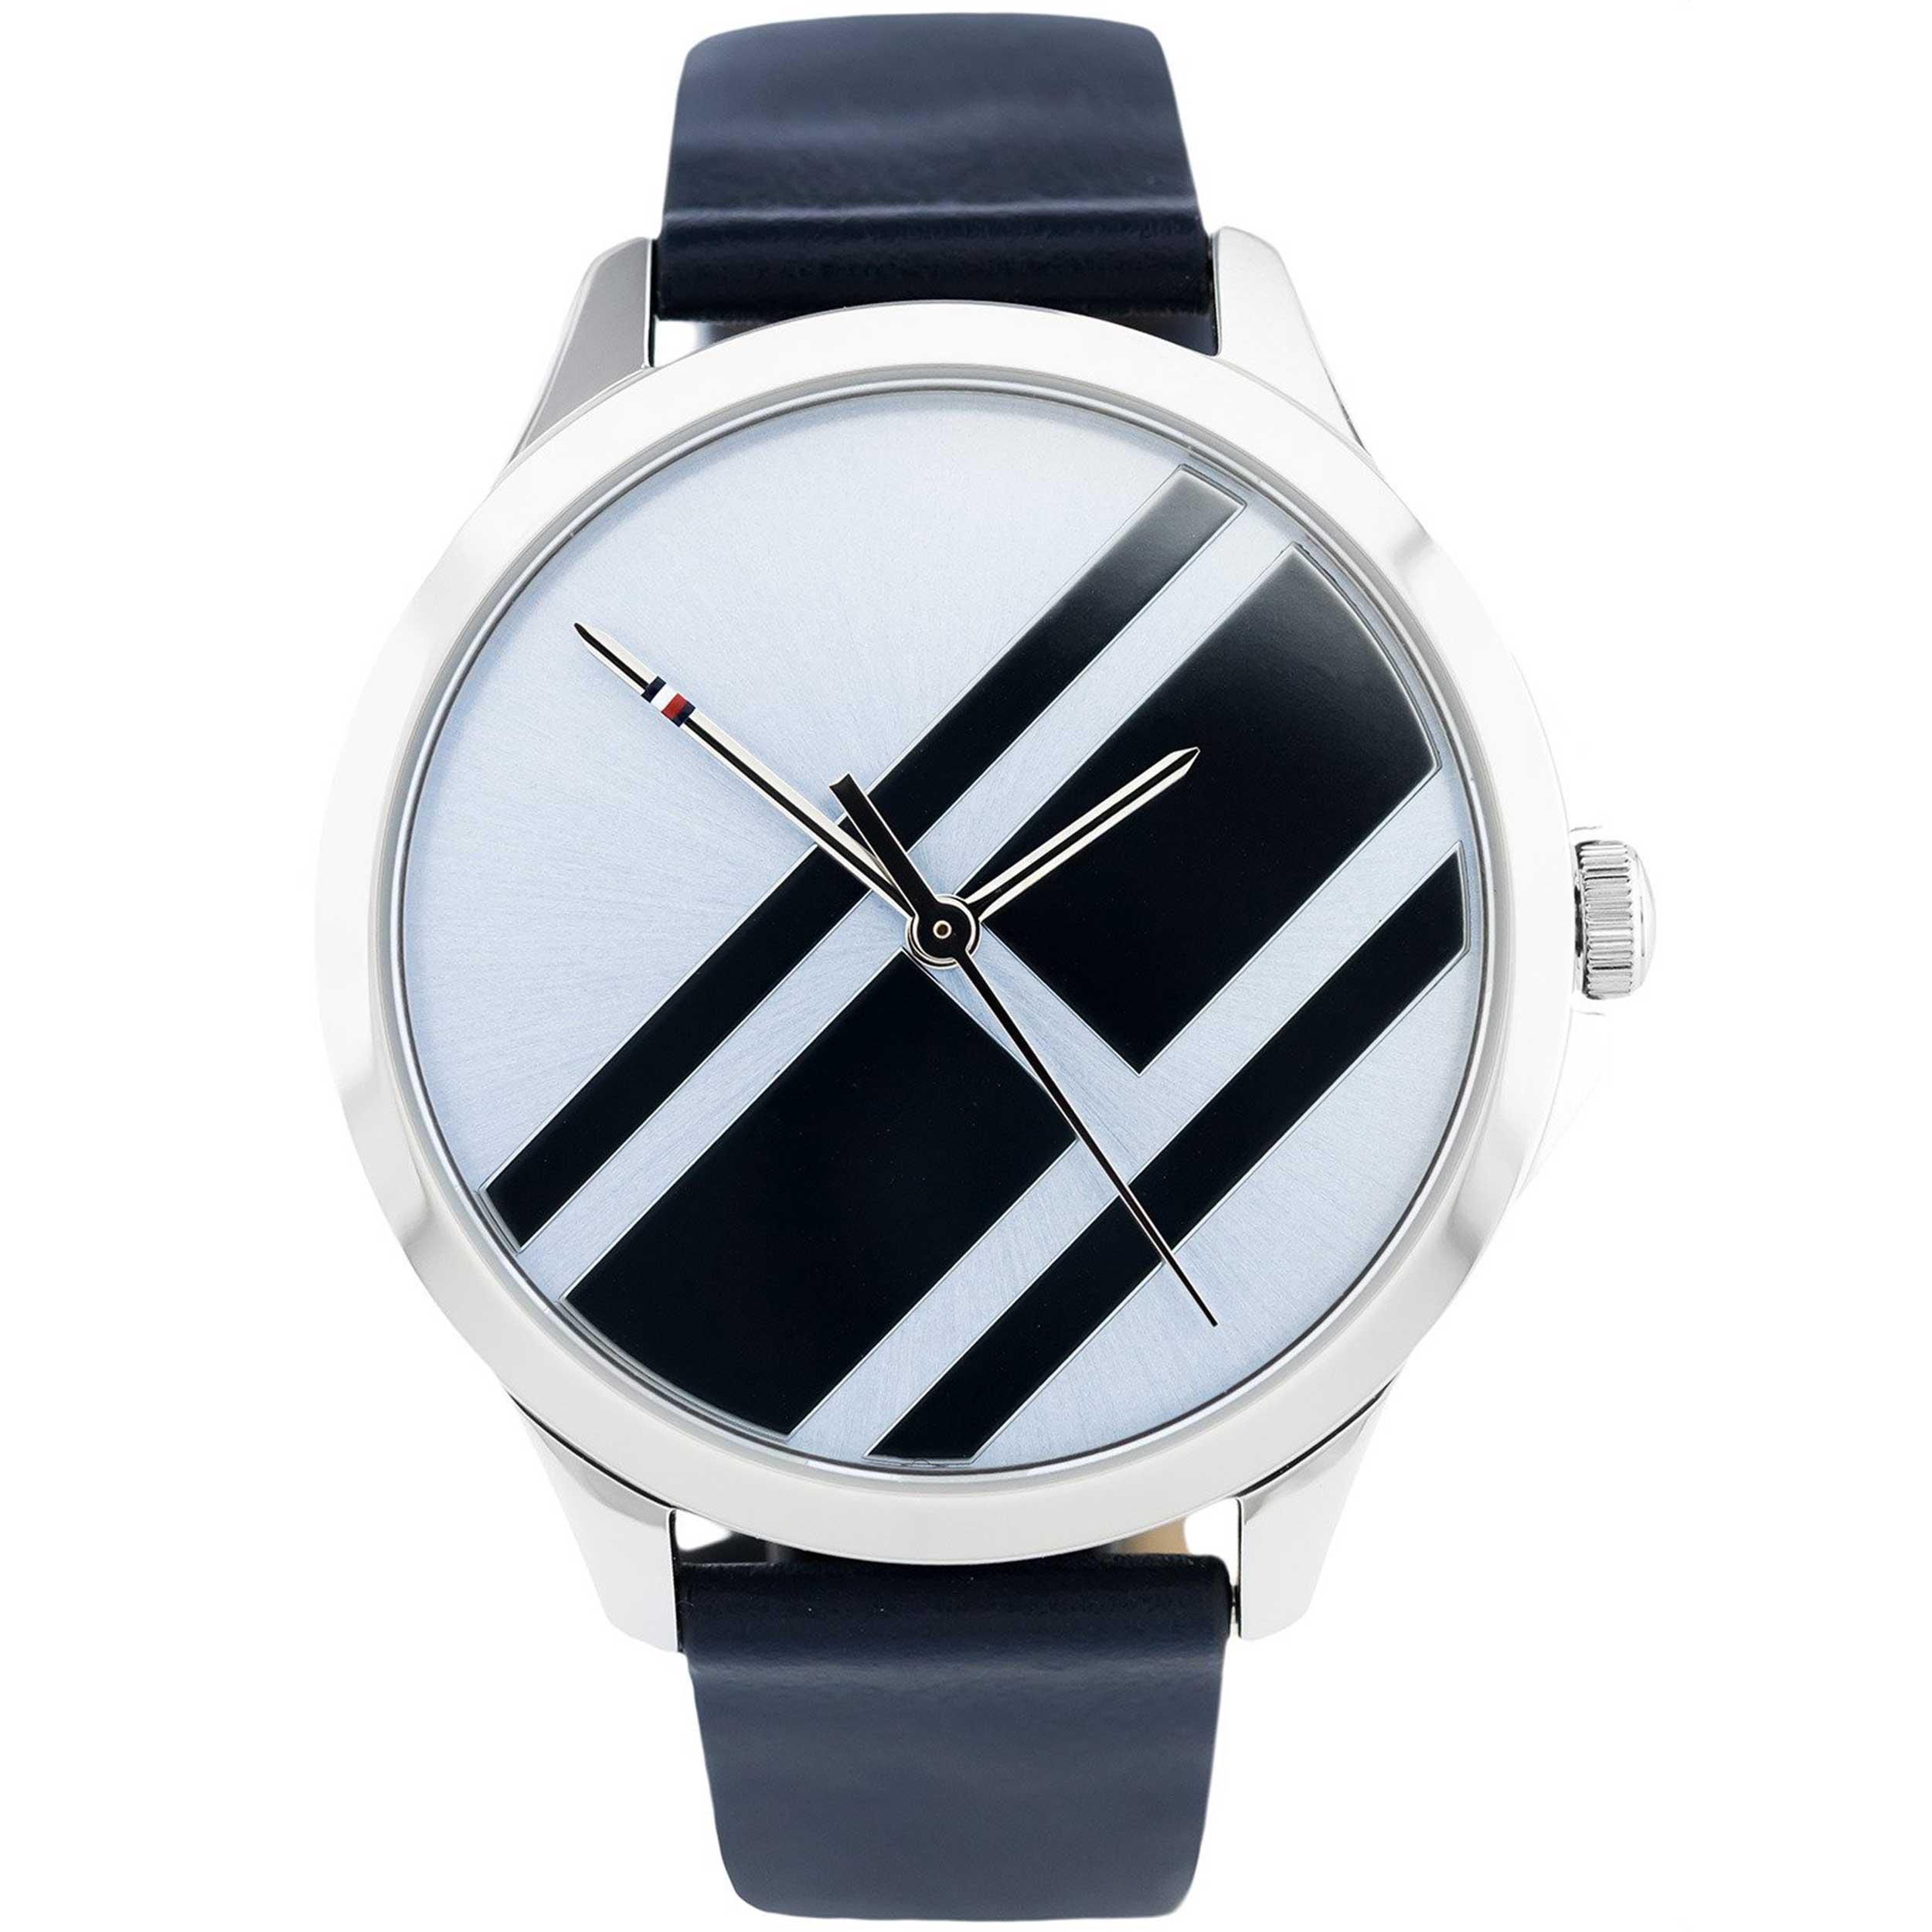 ساعت مچی عقربه ای زنانه تامی هیلفیگر مدل 1781964              ارزان